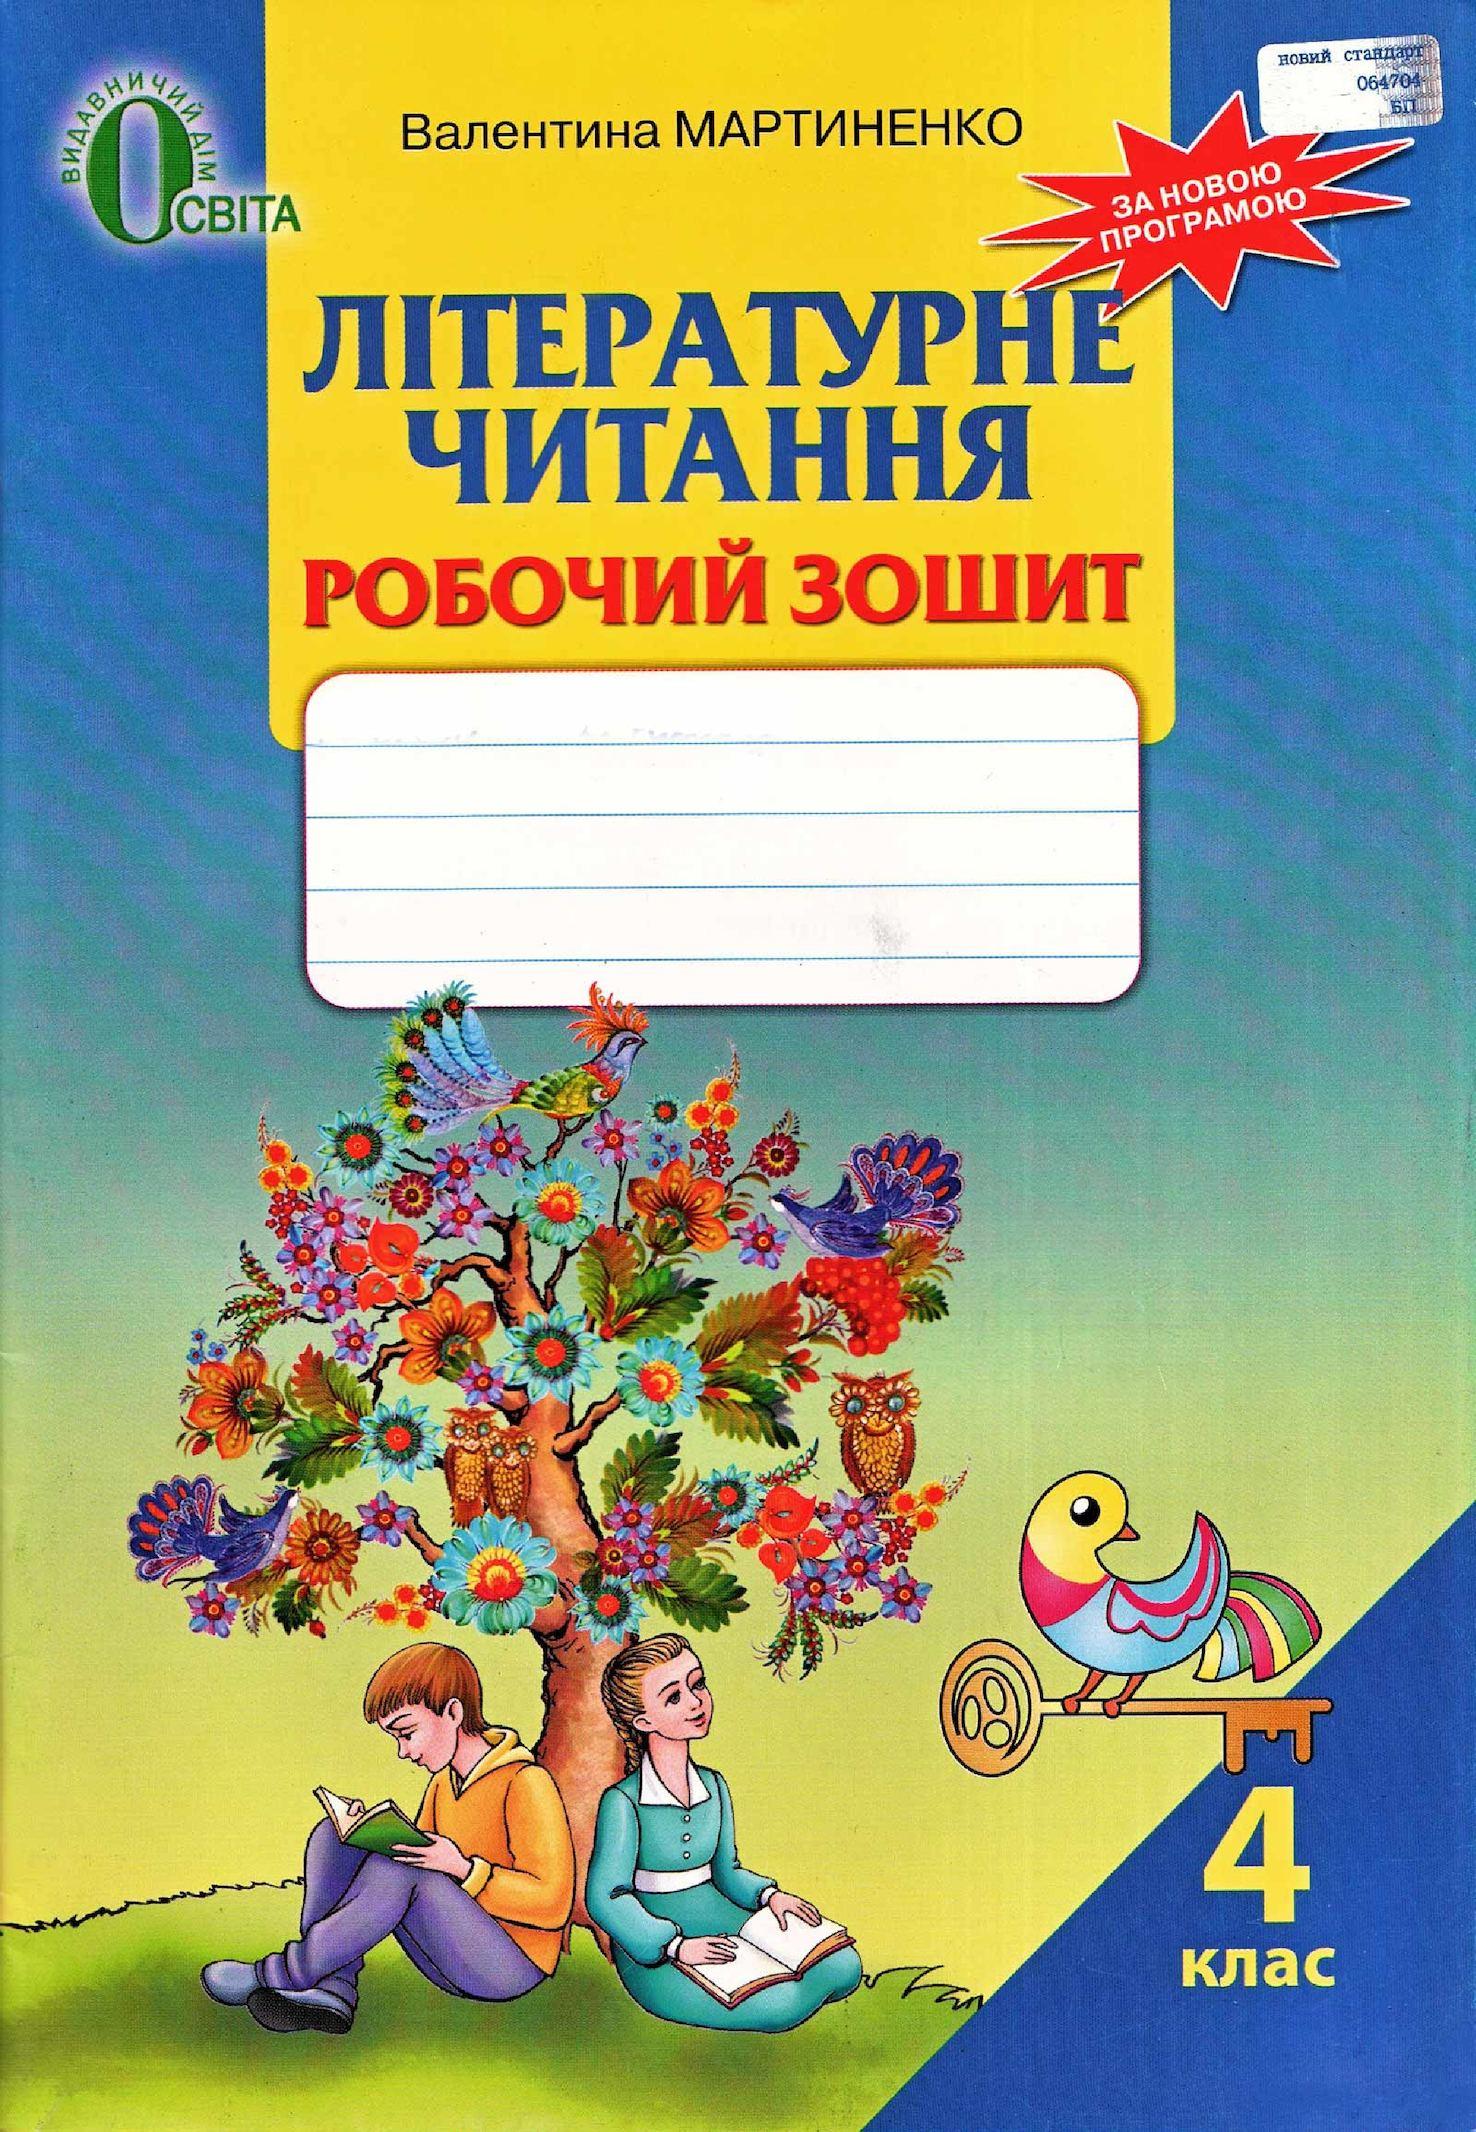 Літературне читання 4 клас Робочий зошит